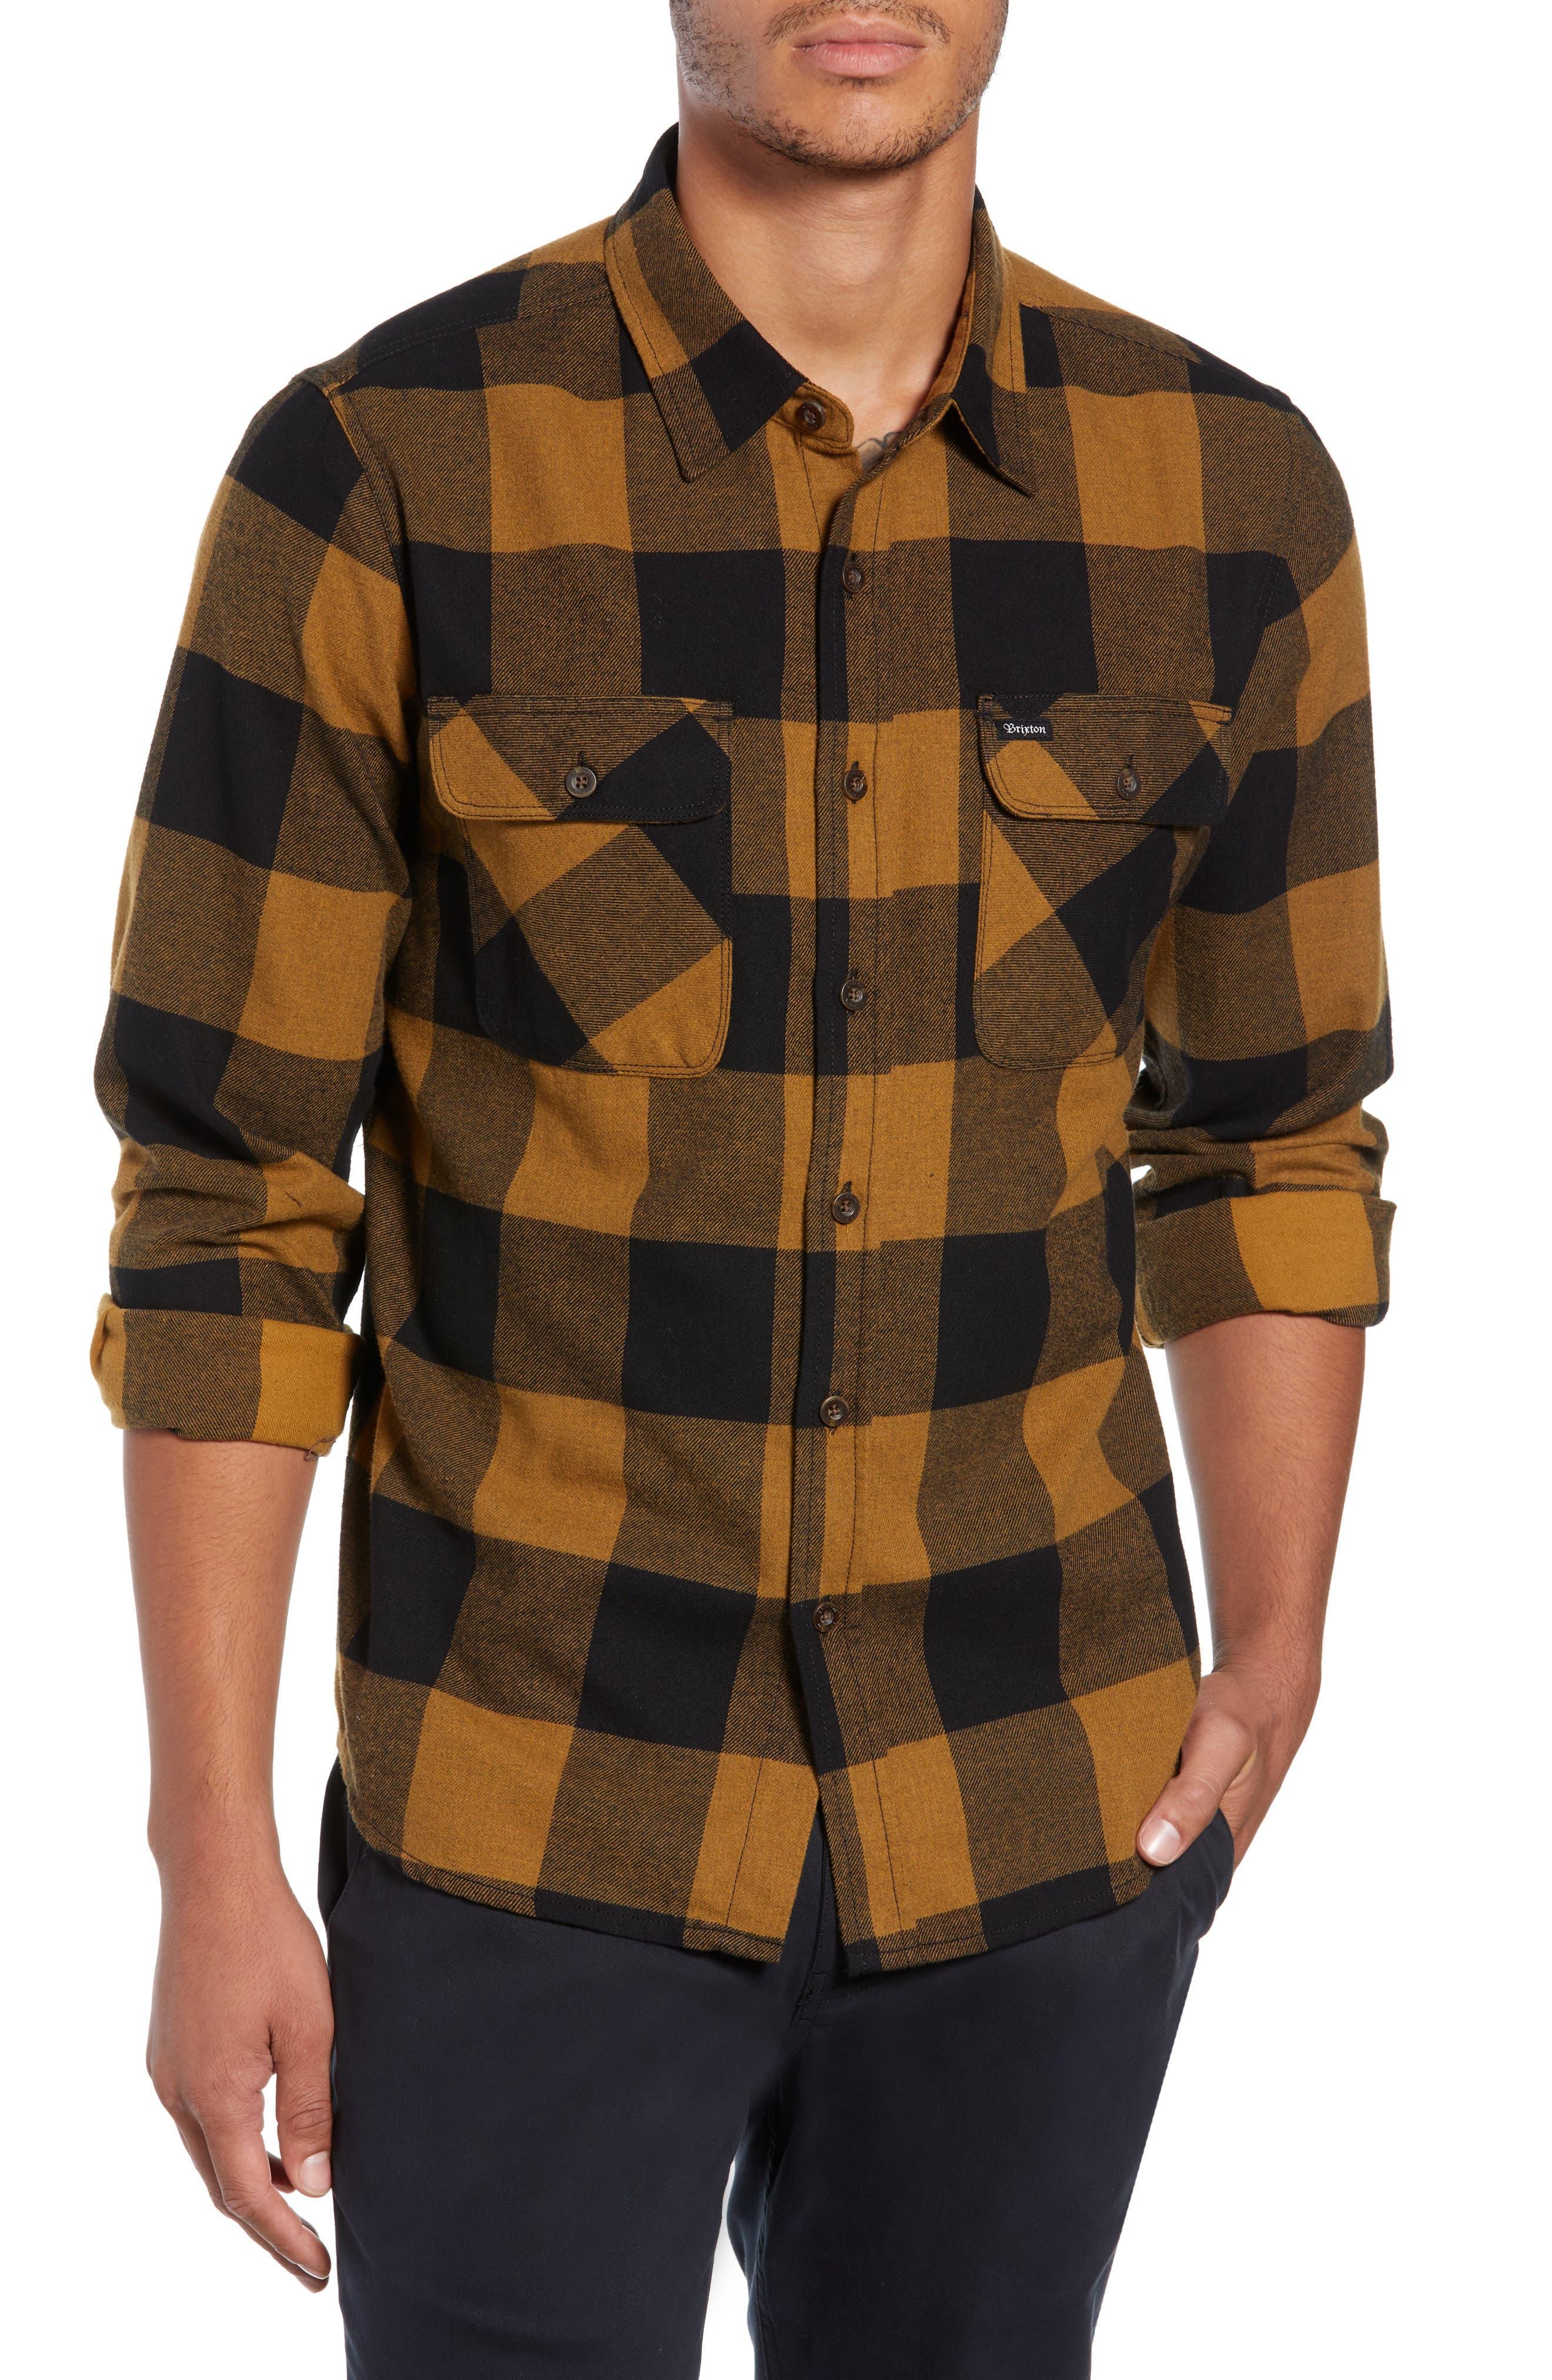 Brixton Bowery Buffalo Plaid Flannel Shirt, Black